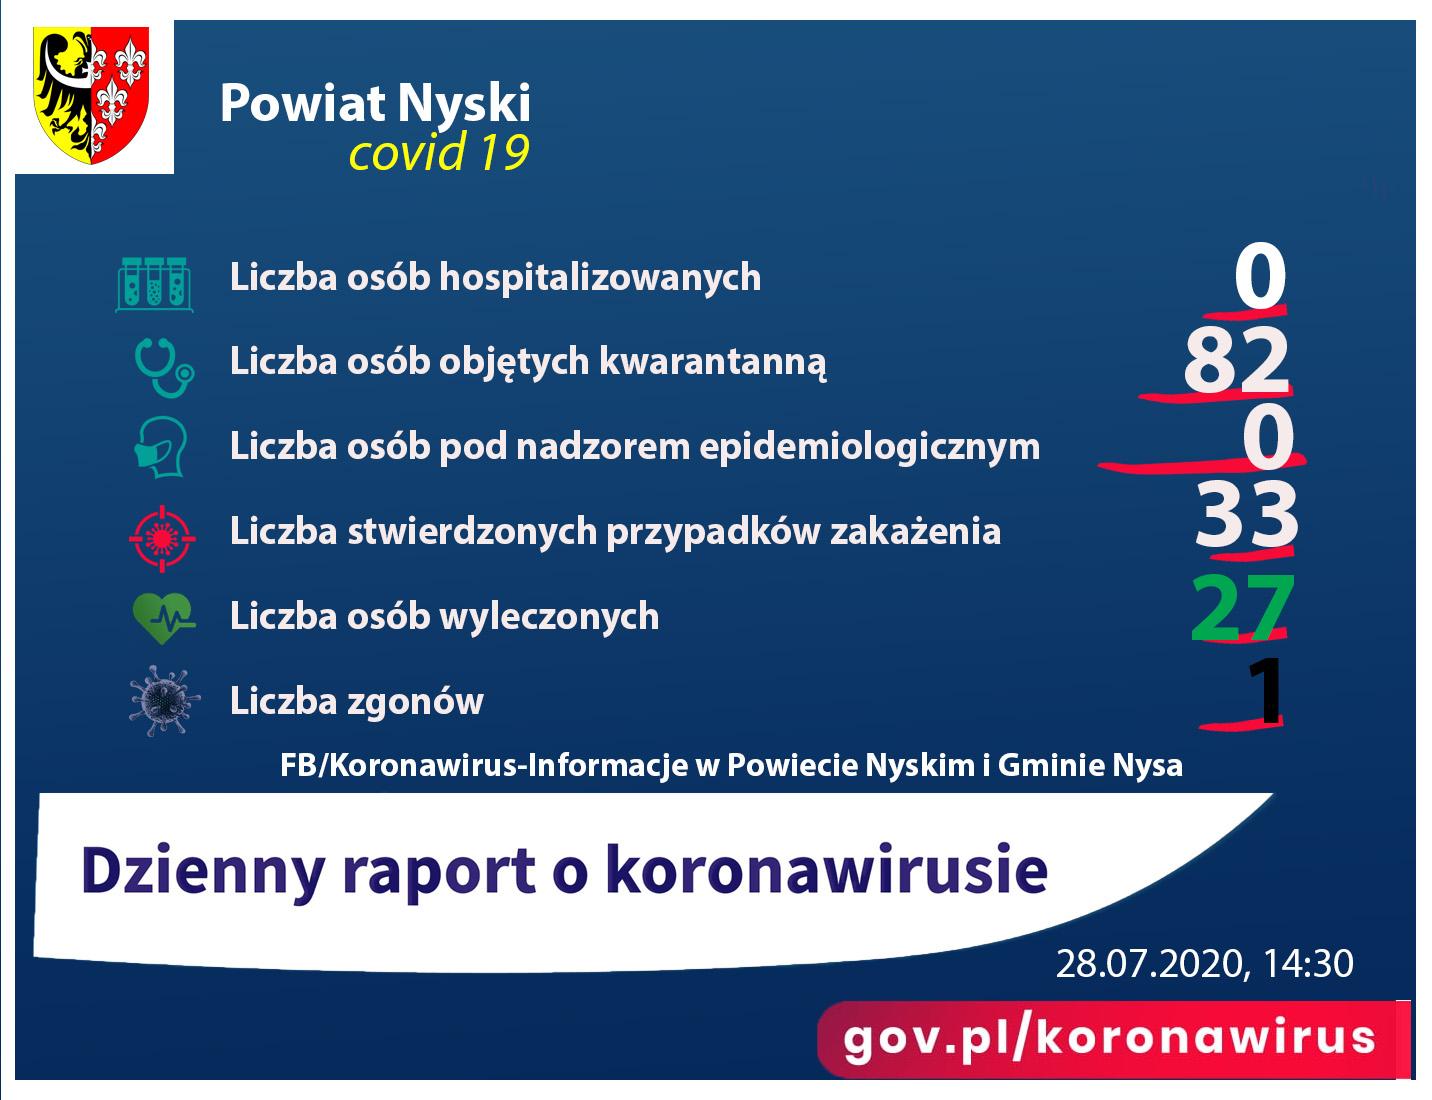 Zdjęcie przedstawia raport o ilości osób zakażonych koroawirusem w powiecie nyskim